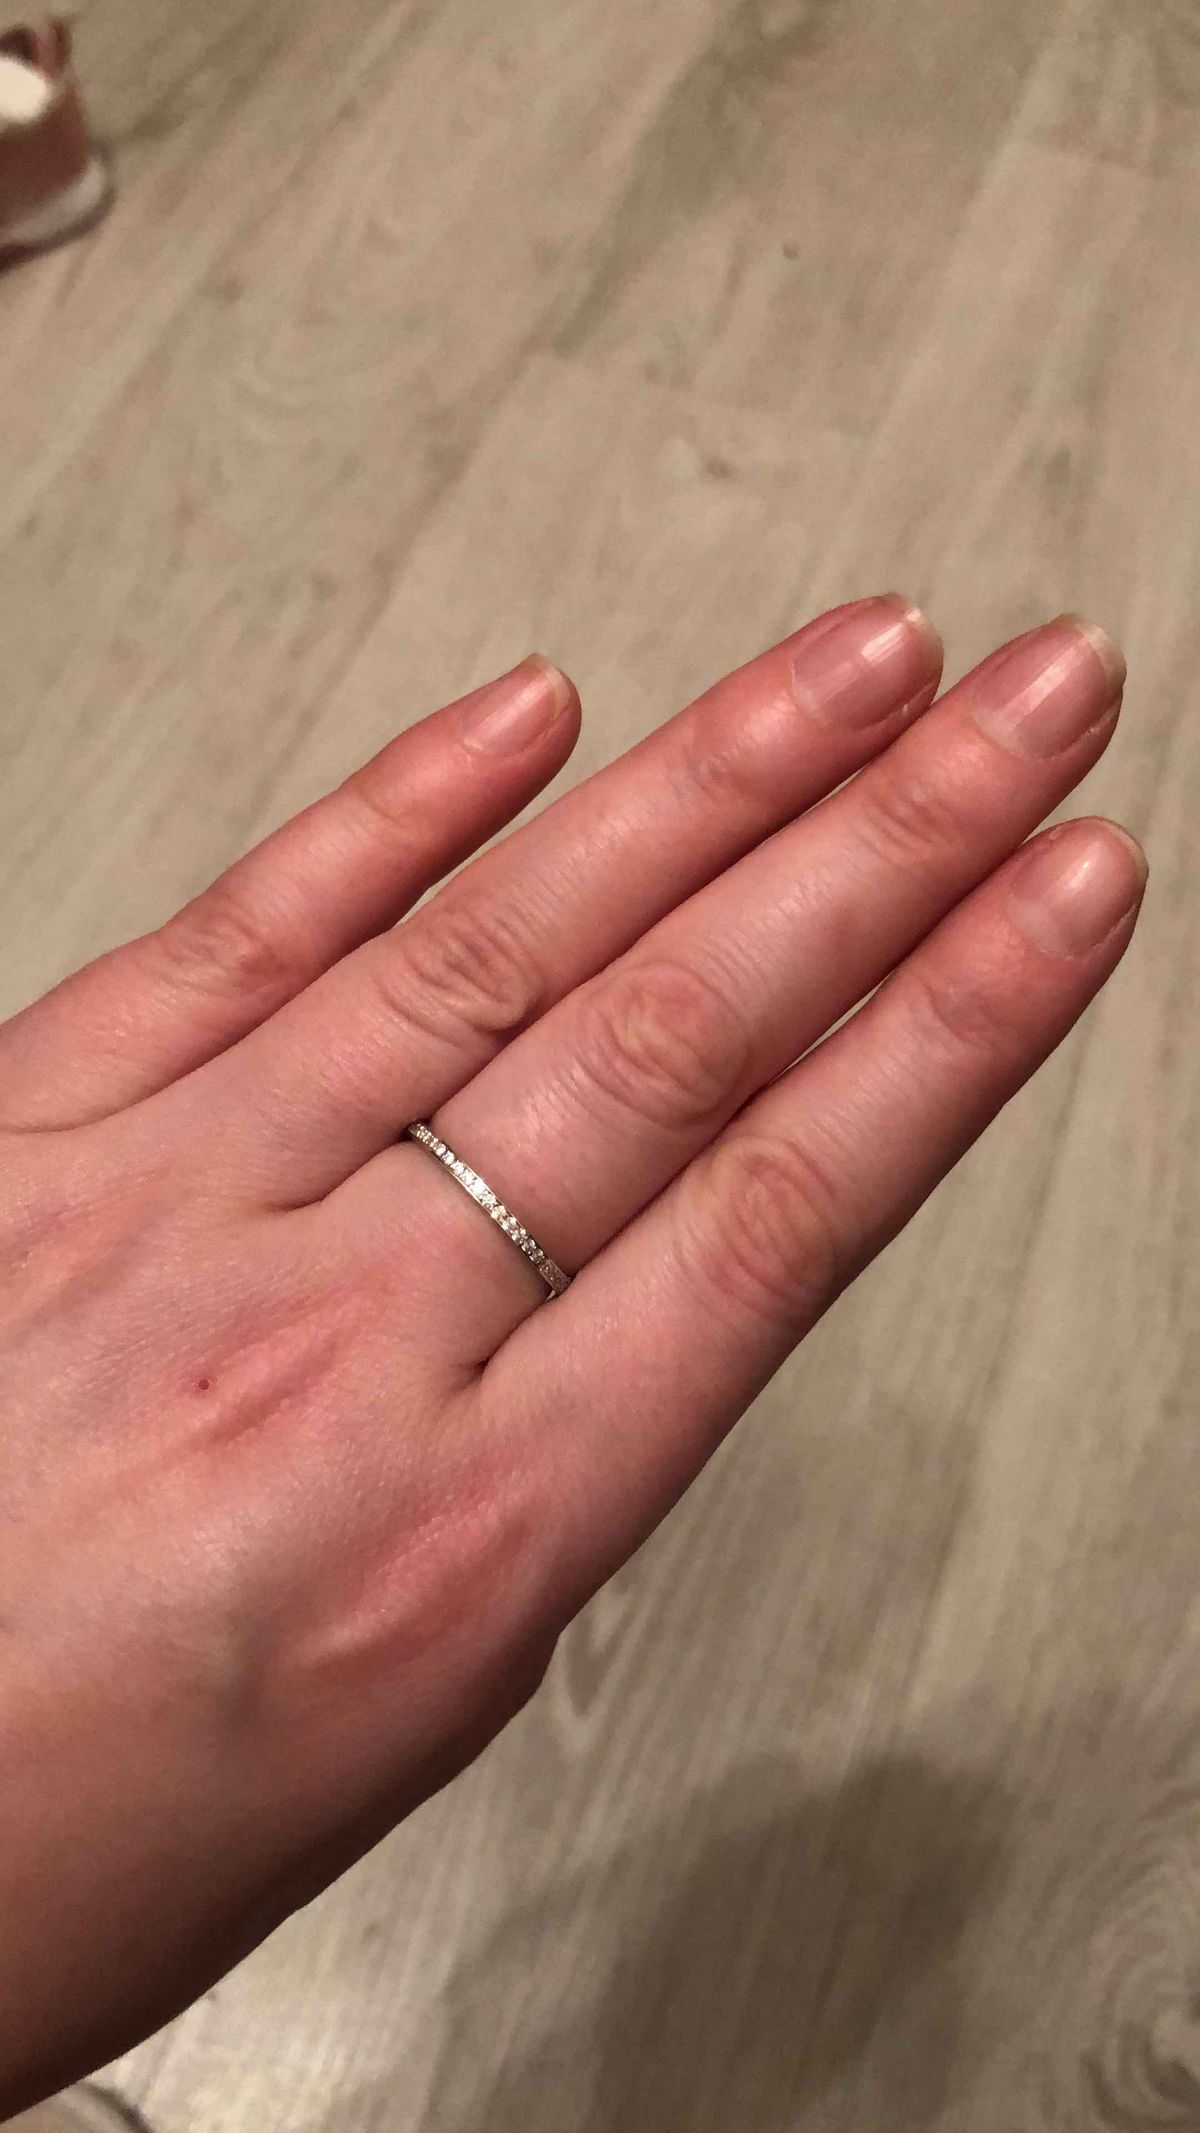 Прекрасное дополнение к колечку с бриллиантами)